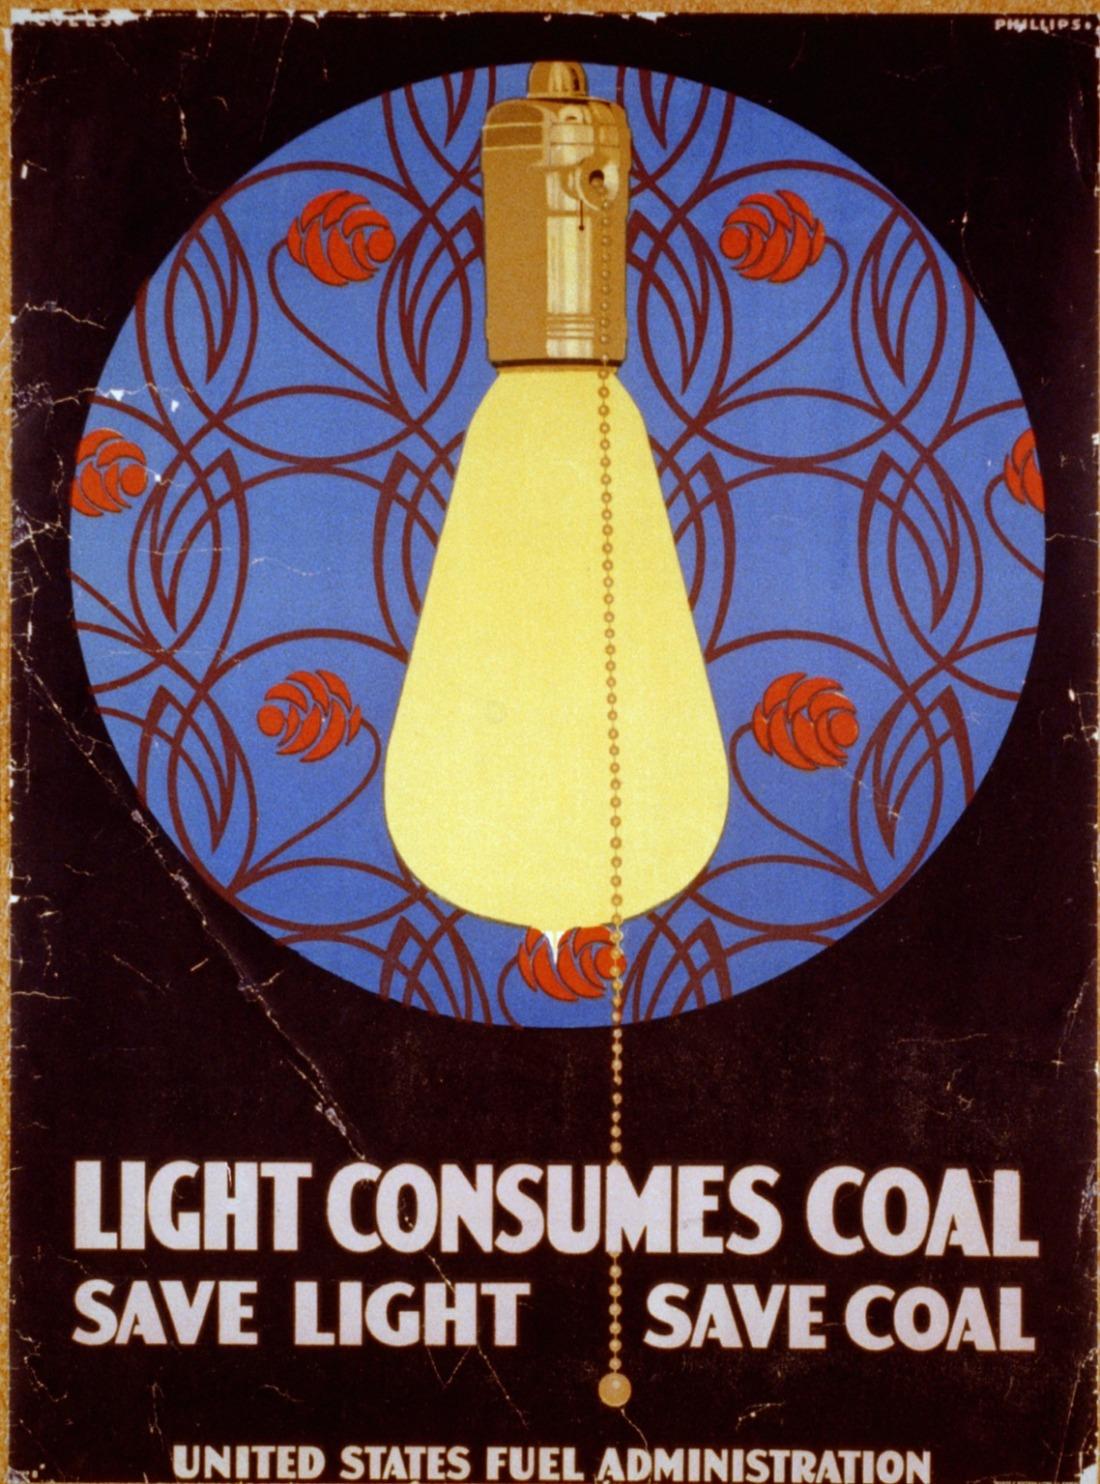 Light consumes coal - Save light, save coal. 1917.